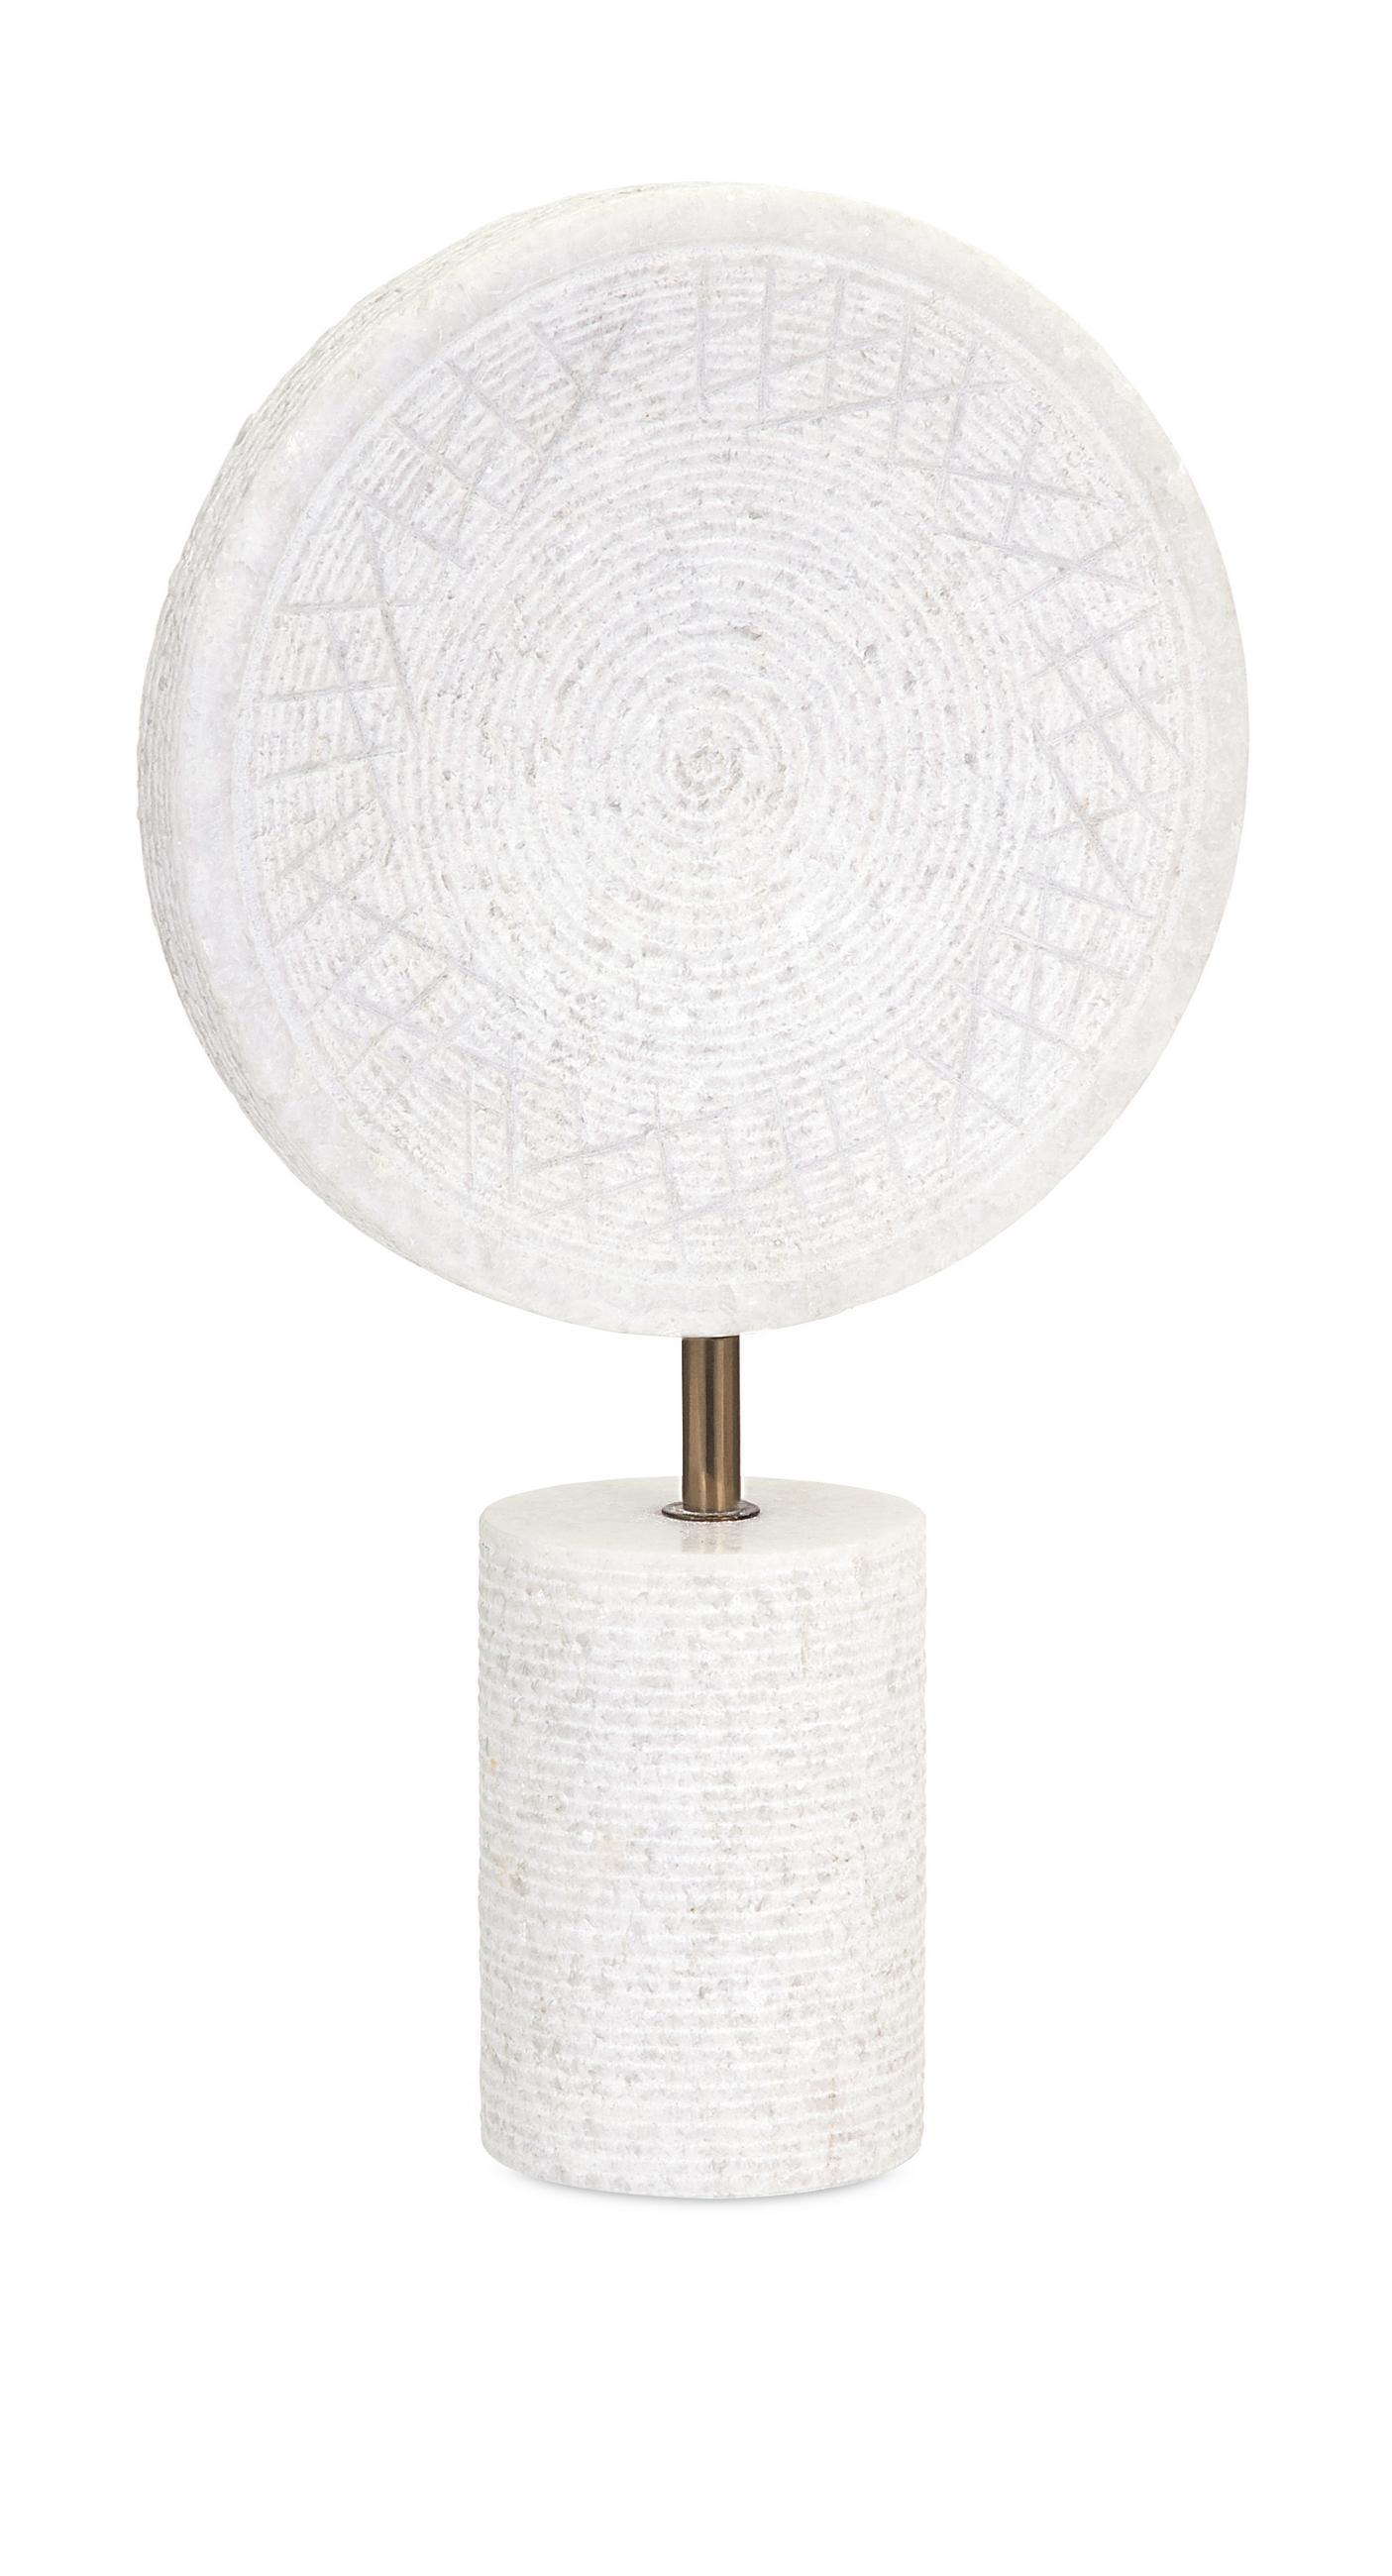 82516 stunning peta marble medallion